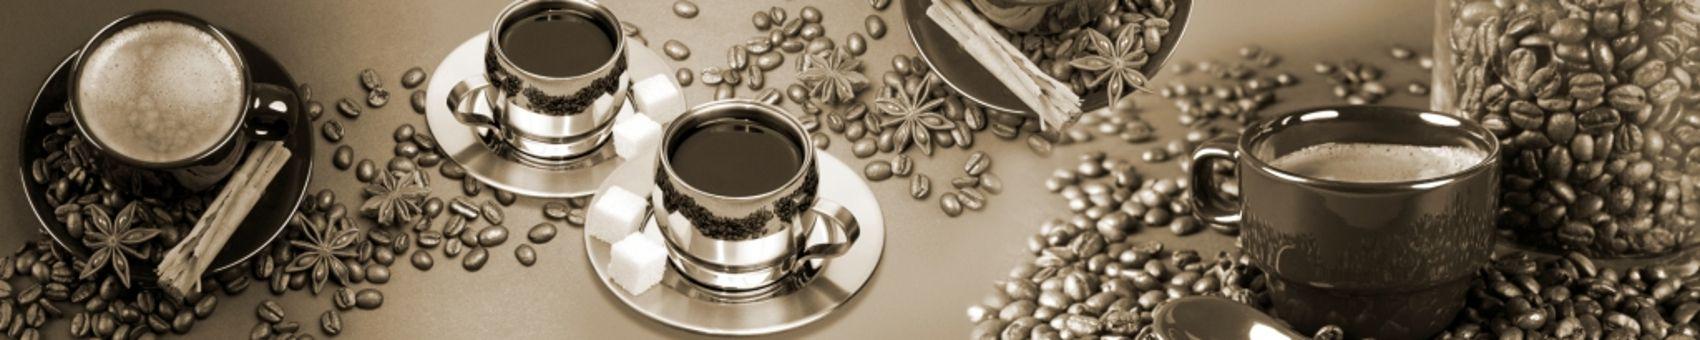 Чашки кофе с россыпью зерен